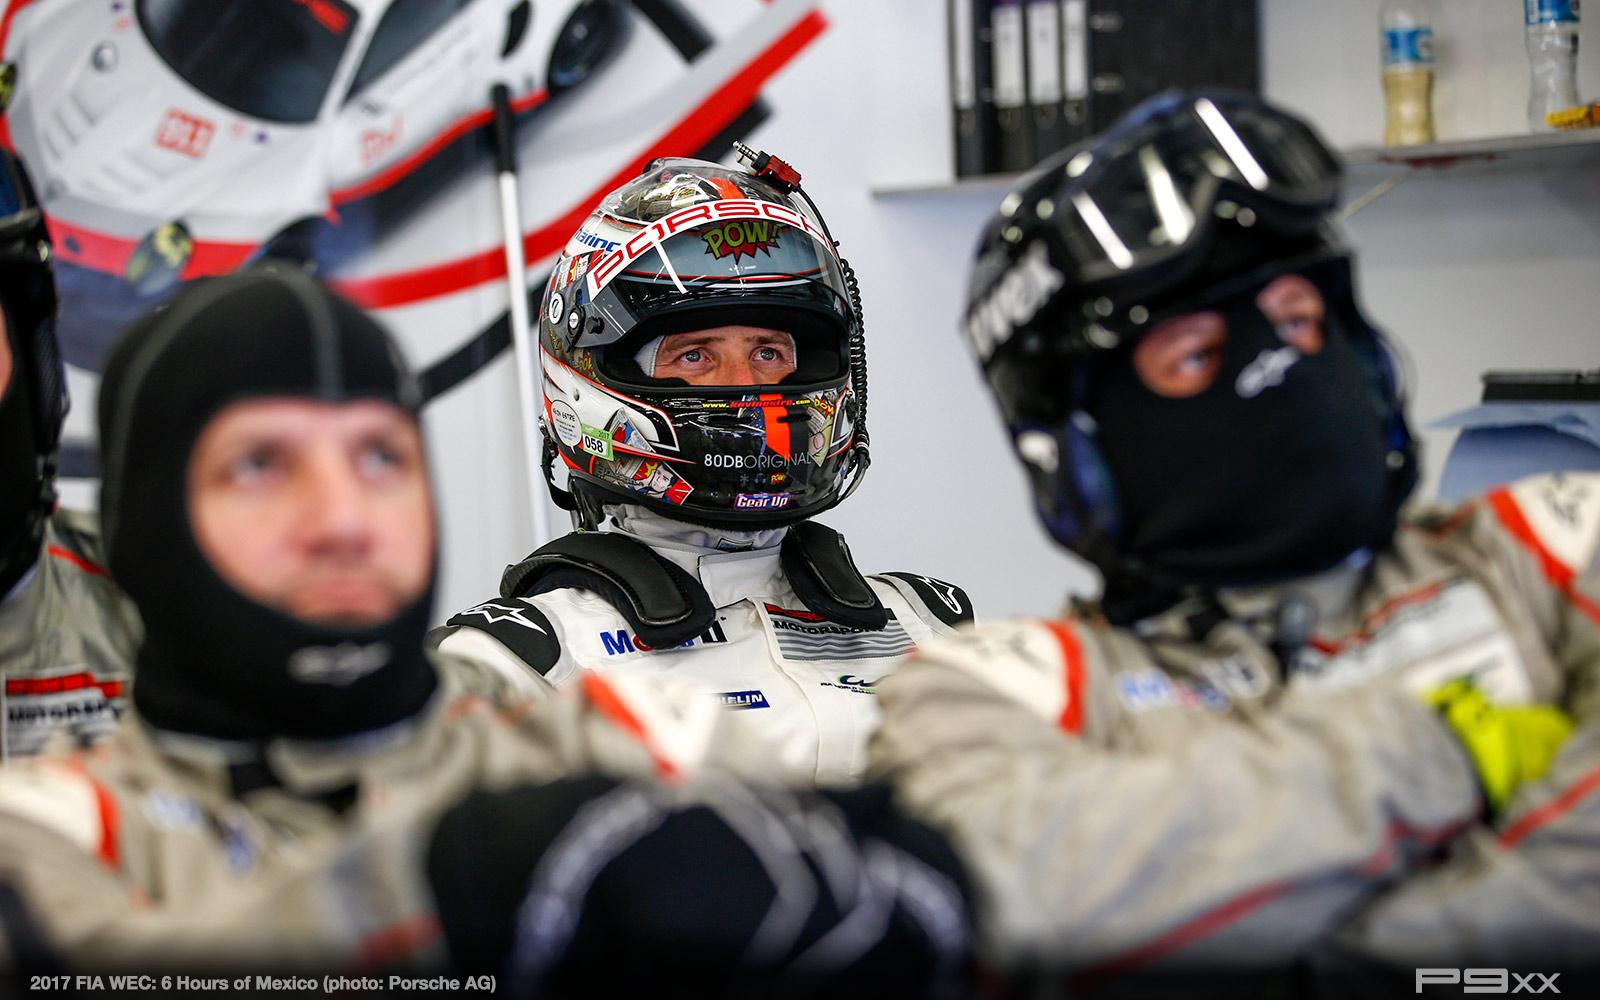 2017-FIA-WEC-6-HOURS-MEXICO-PORSCHE-1352